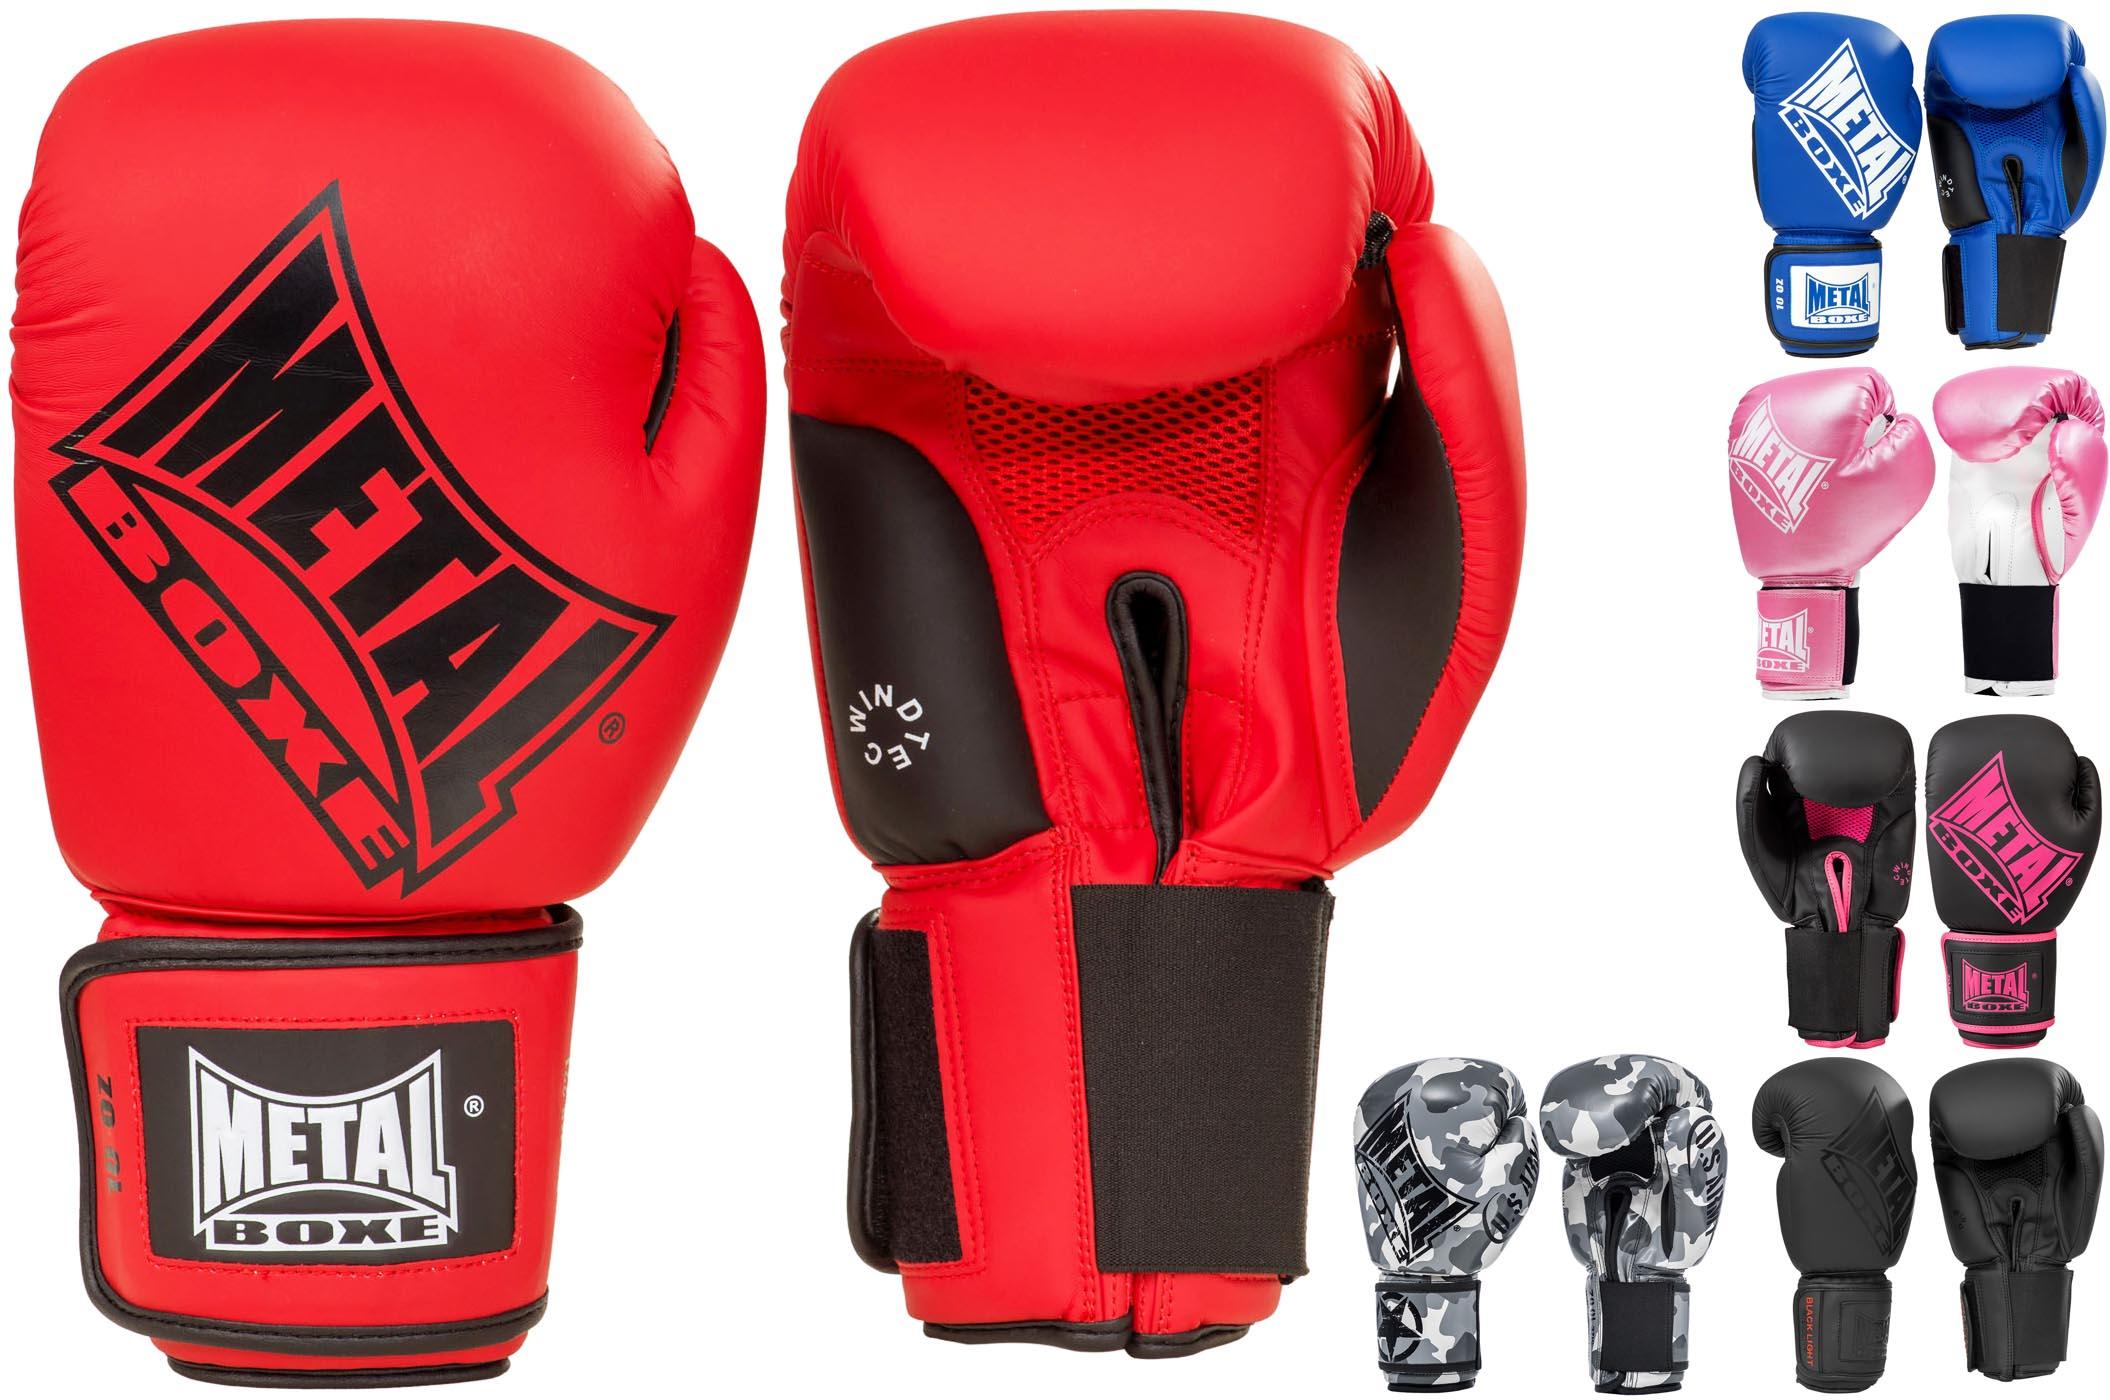 Metal Boxe Guantes de Lucha Libre